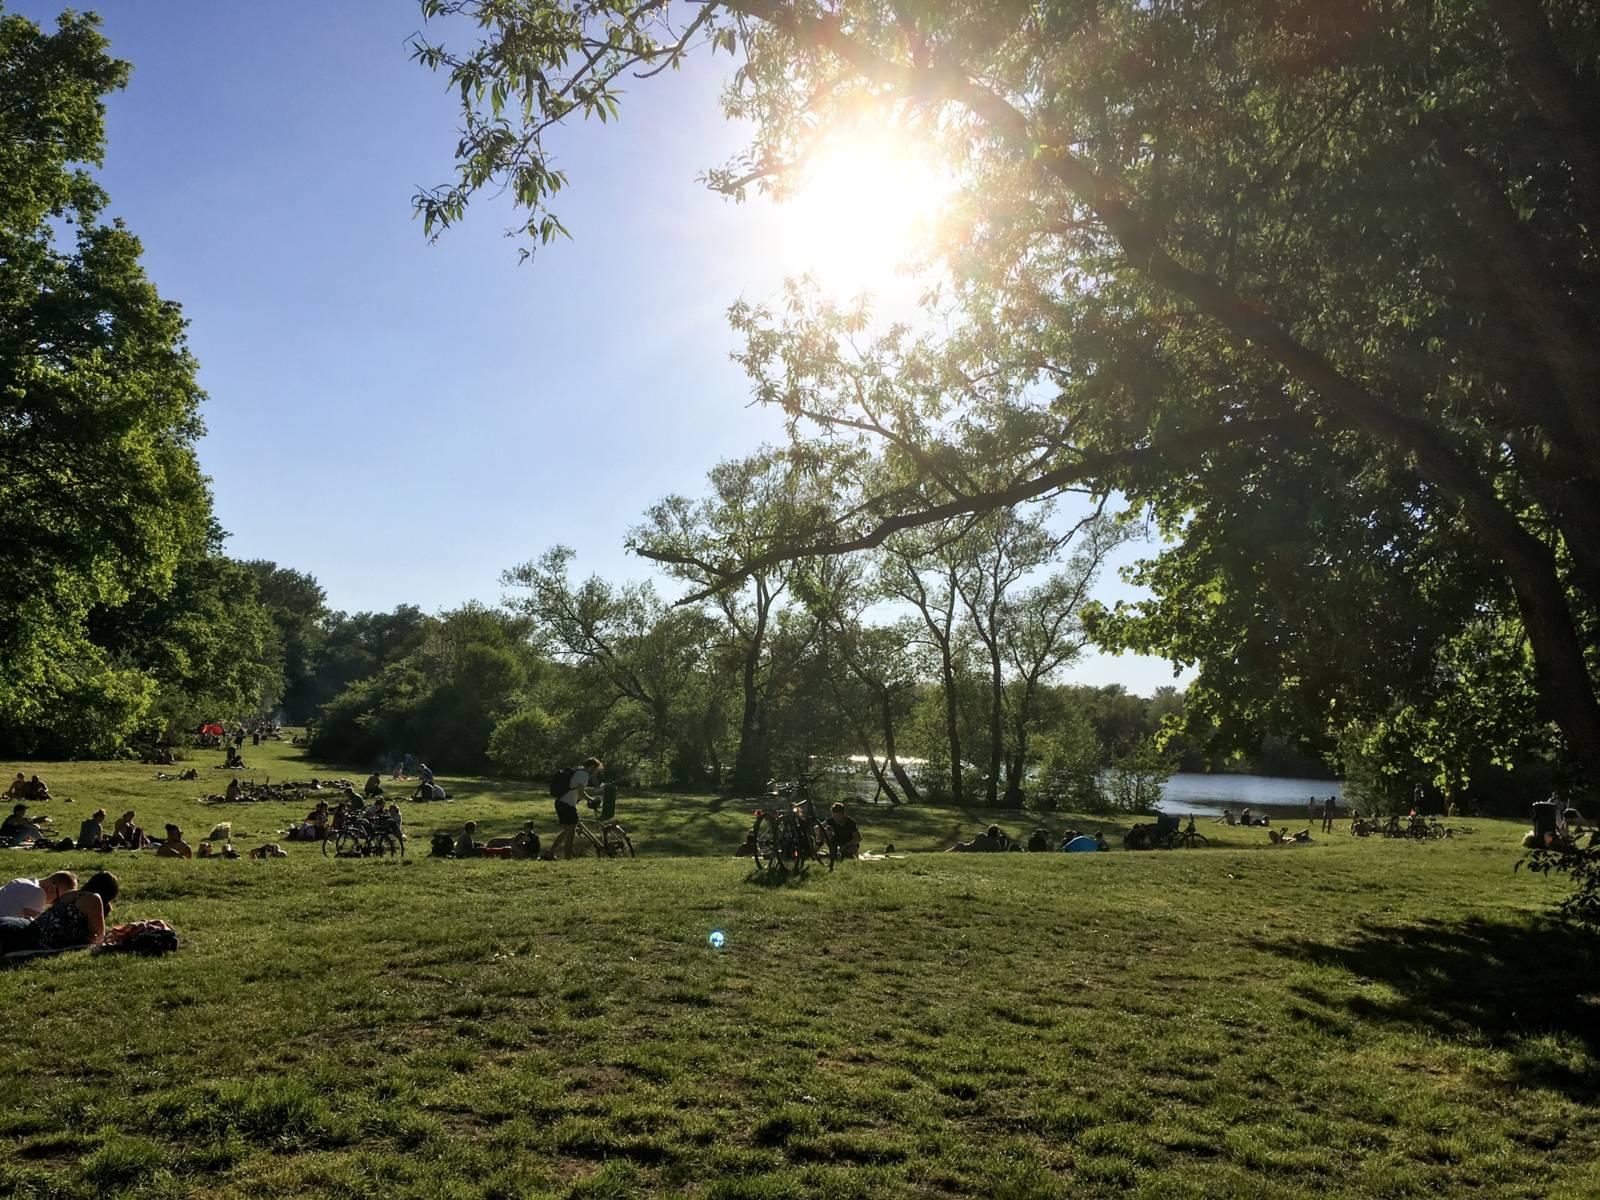 Menschen liegen auf einer grünen Wiese an einem See.